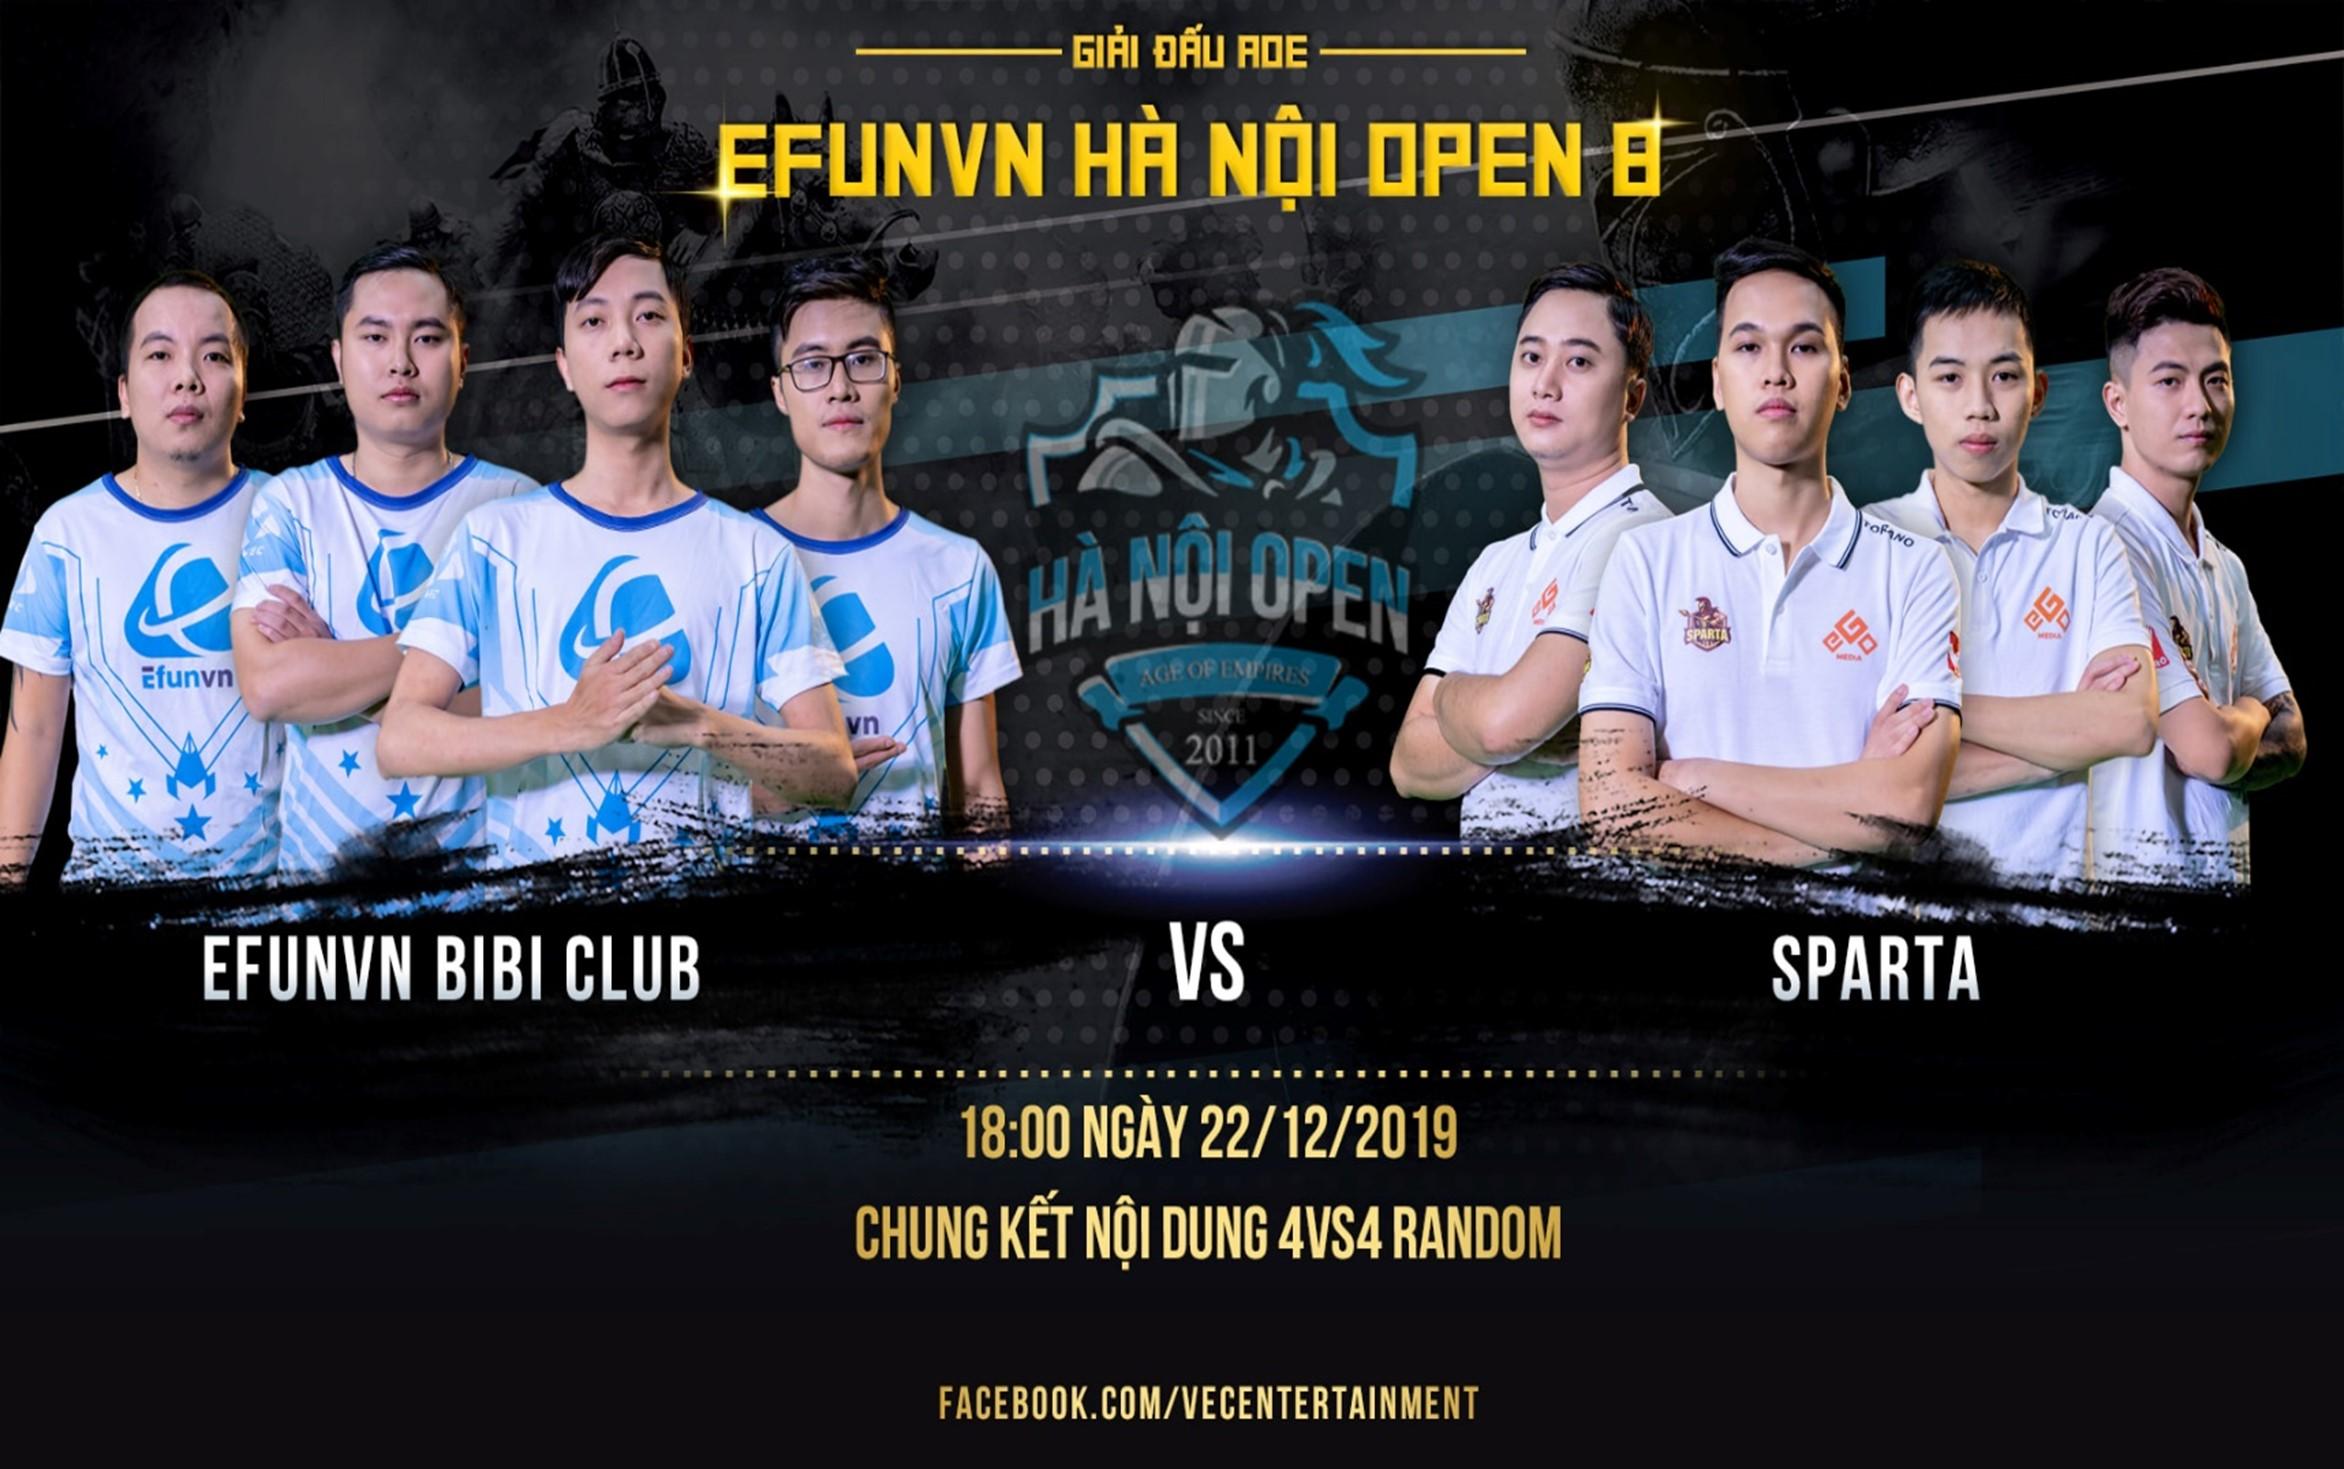 BiBi, Chim Sẻ Đi Nắng và cuộc gặp gỡ đầy duyên nợ tại giải đấu Hà Nội Open